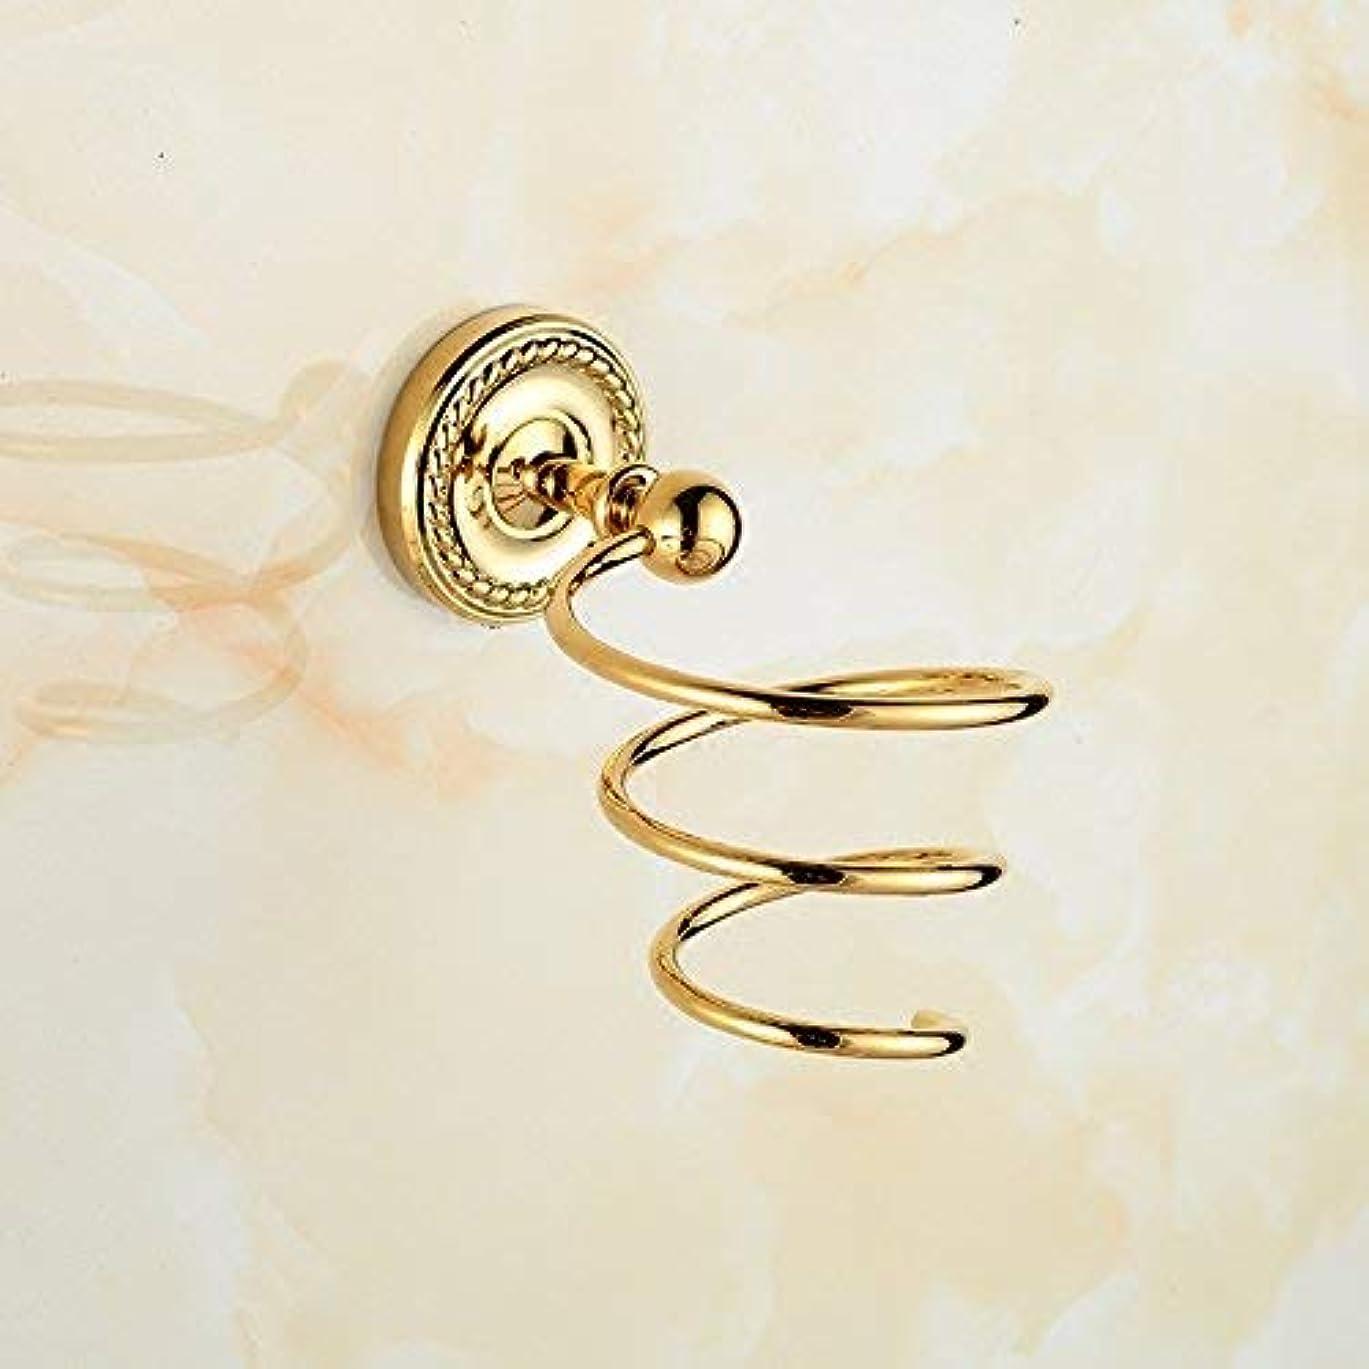 典型的な足枷ボクシング洗練されたゴールデン銅ヨーロッパアンティーク彫刻が施されたヘアラック壁掛け浴室ハードウェアアクセサリー収納ヘアドライヤー棚 ステンレス多機能ラック